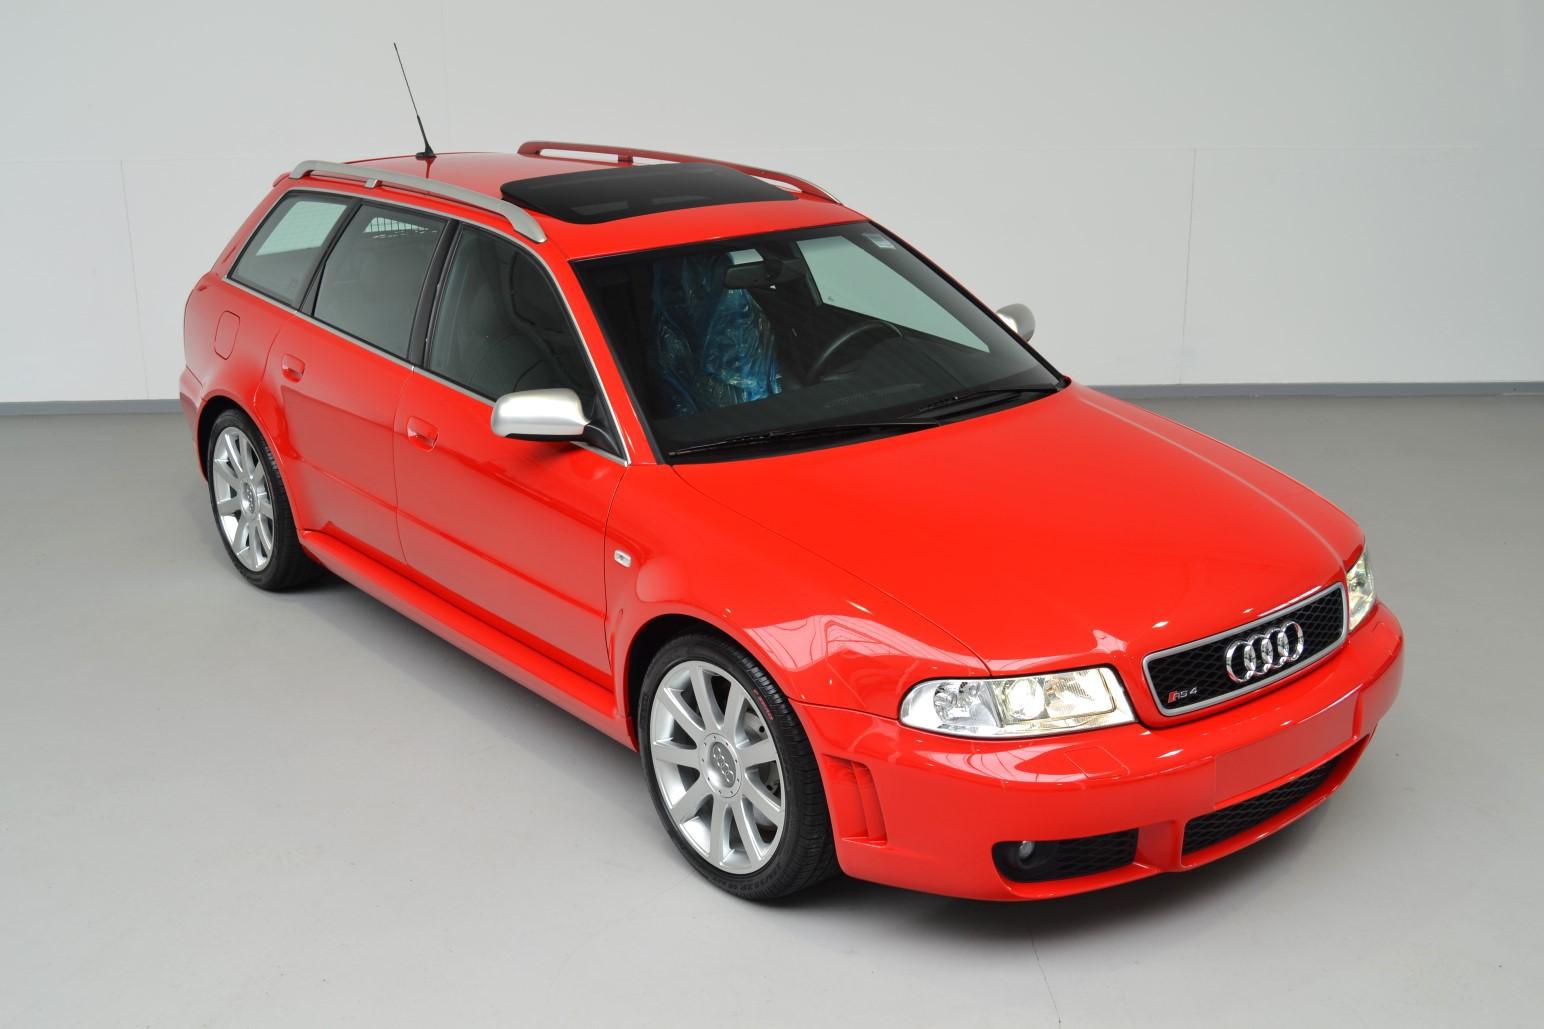 Audi-RS4-B5-Avant-autonovosti.me-19